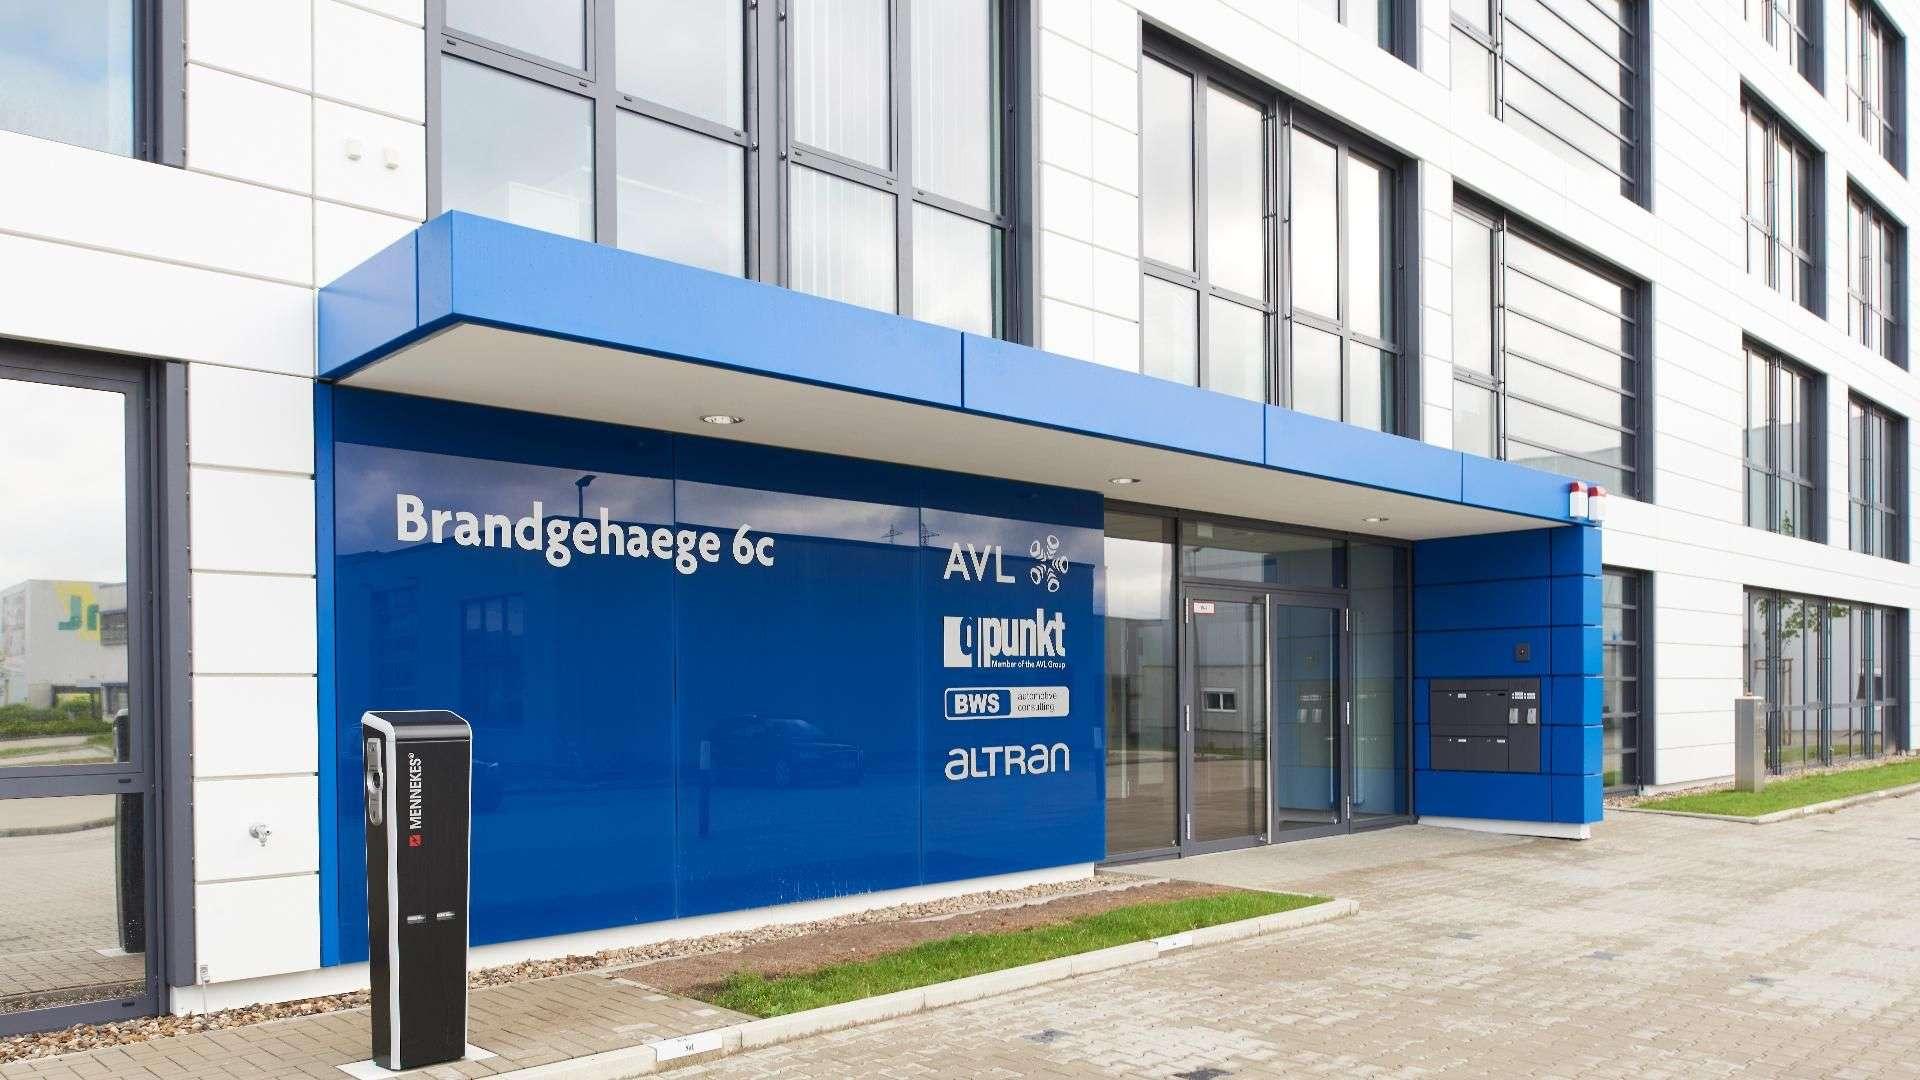 blaue Verglasung im Eingangsbereich eines Firmengebäudes